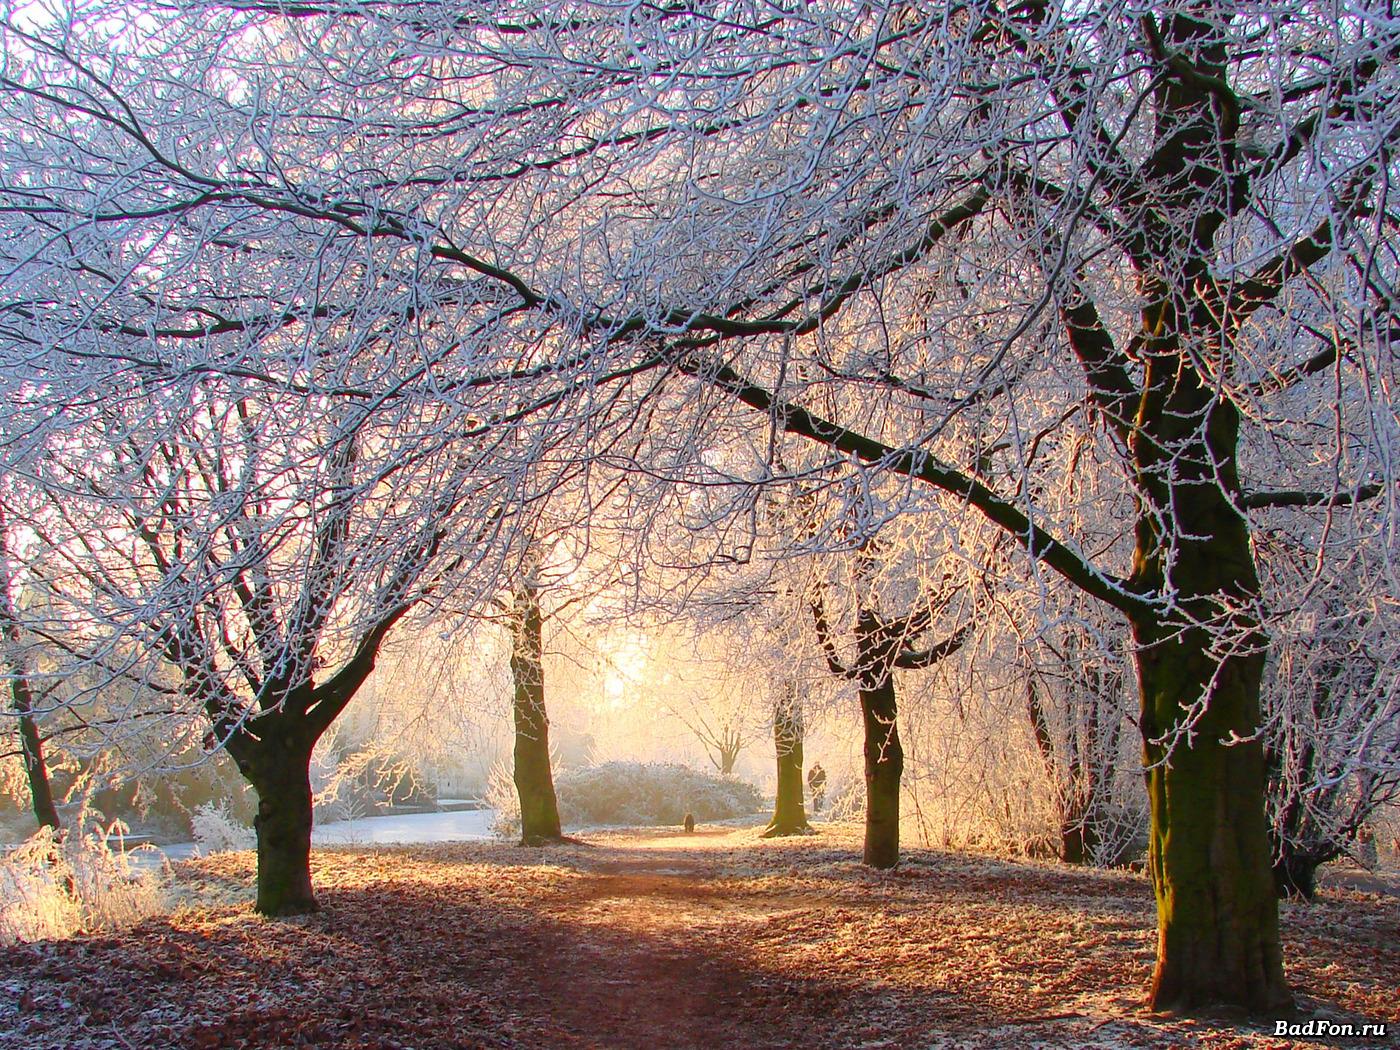 papka-foto-chto-est-zimojj-poleznye-sezonnye-produkty-zimnie-derevya